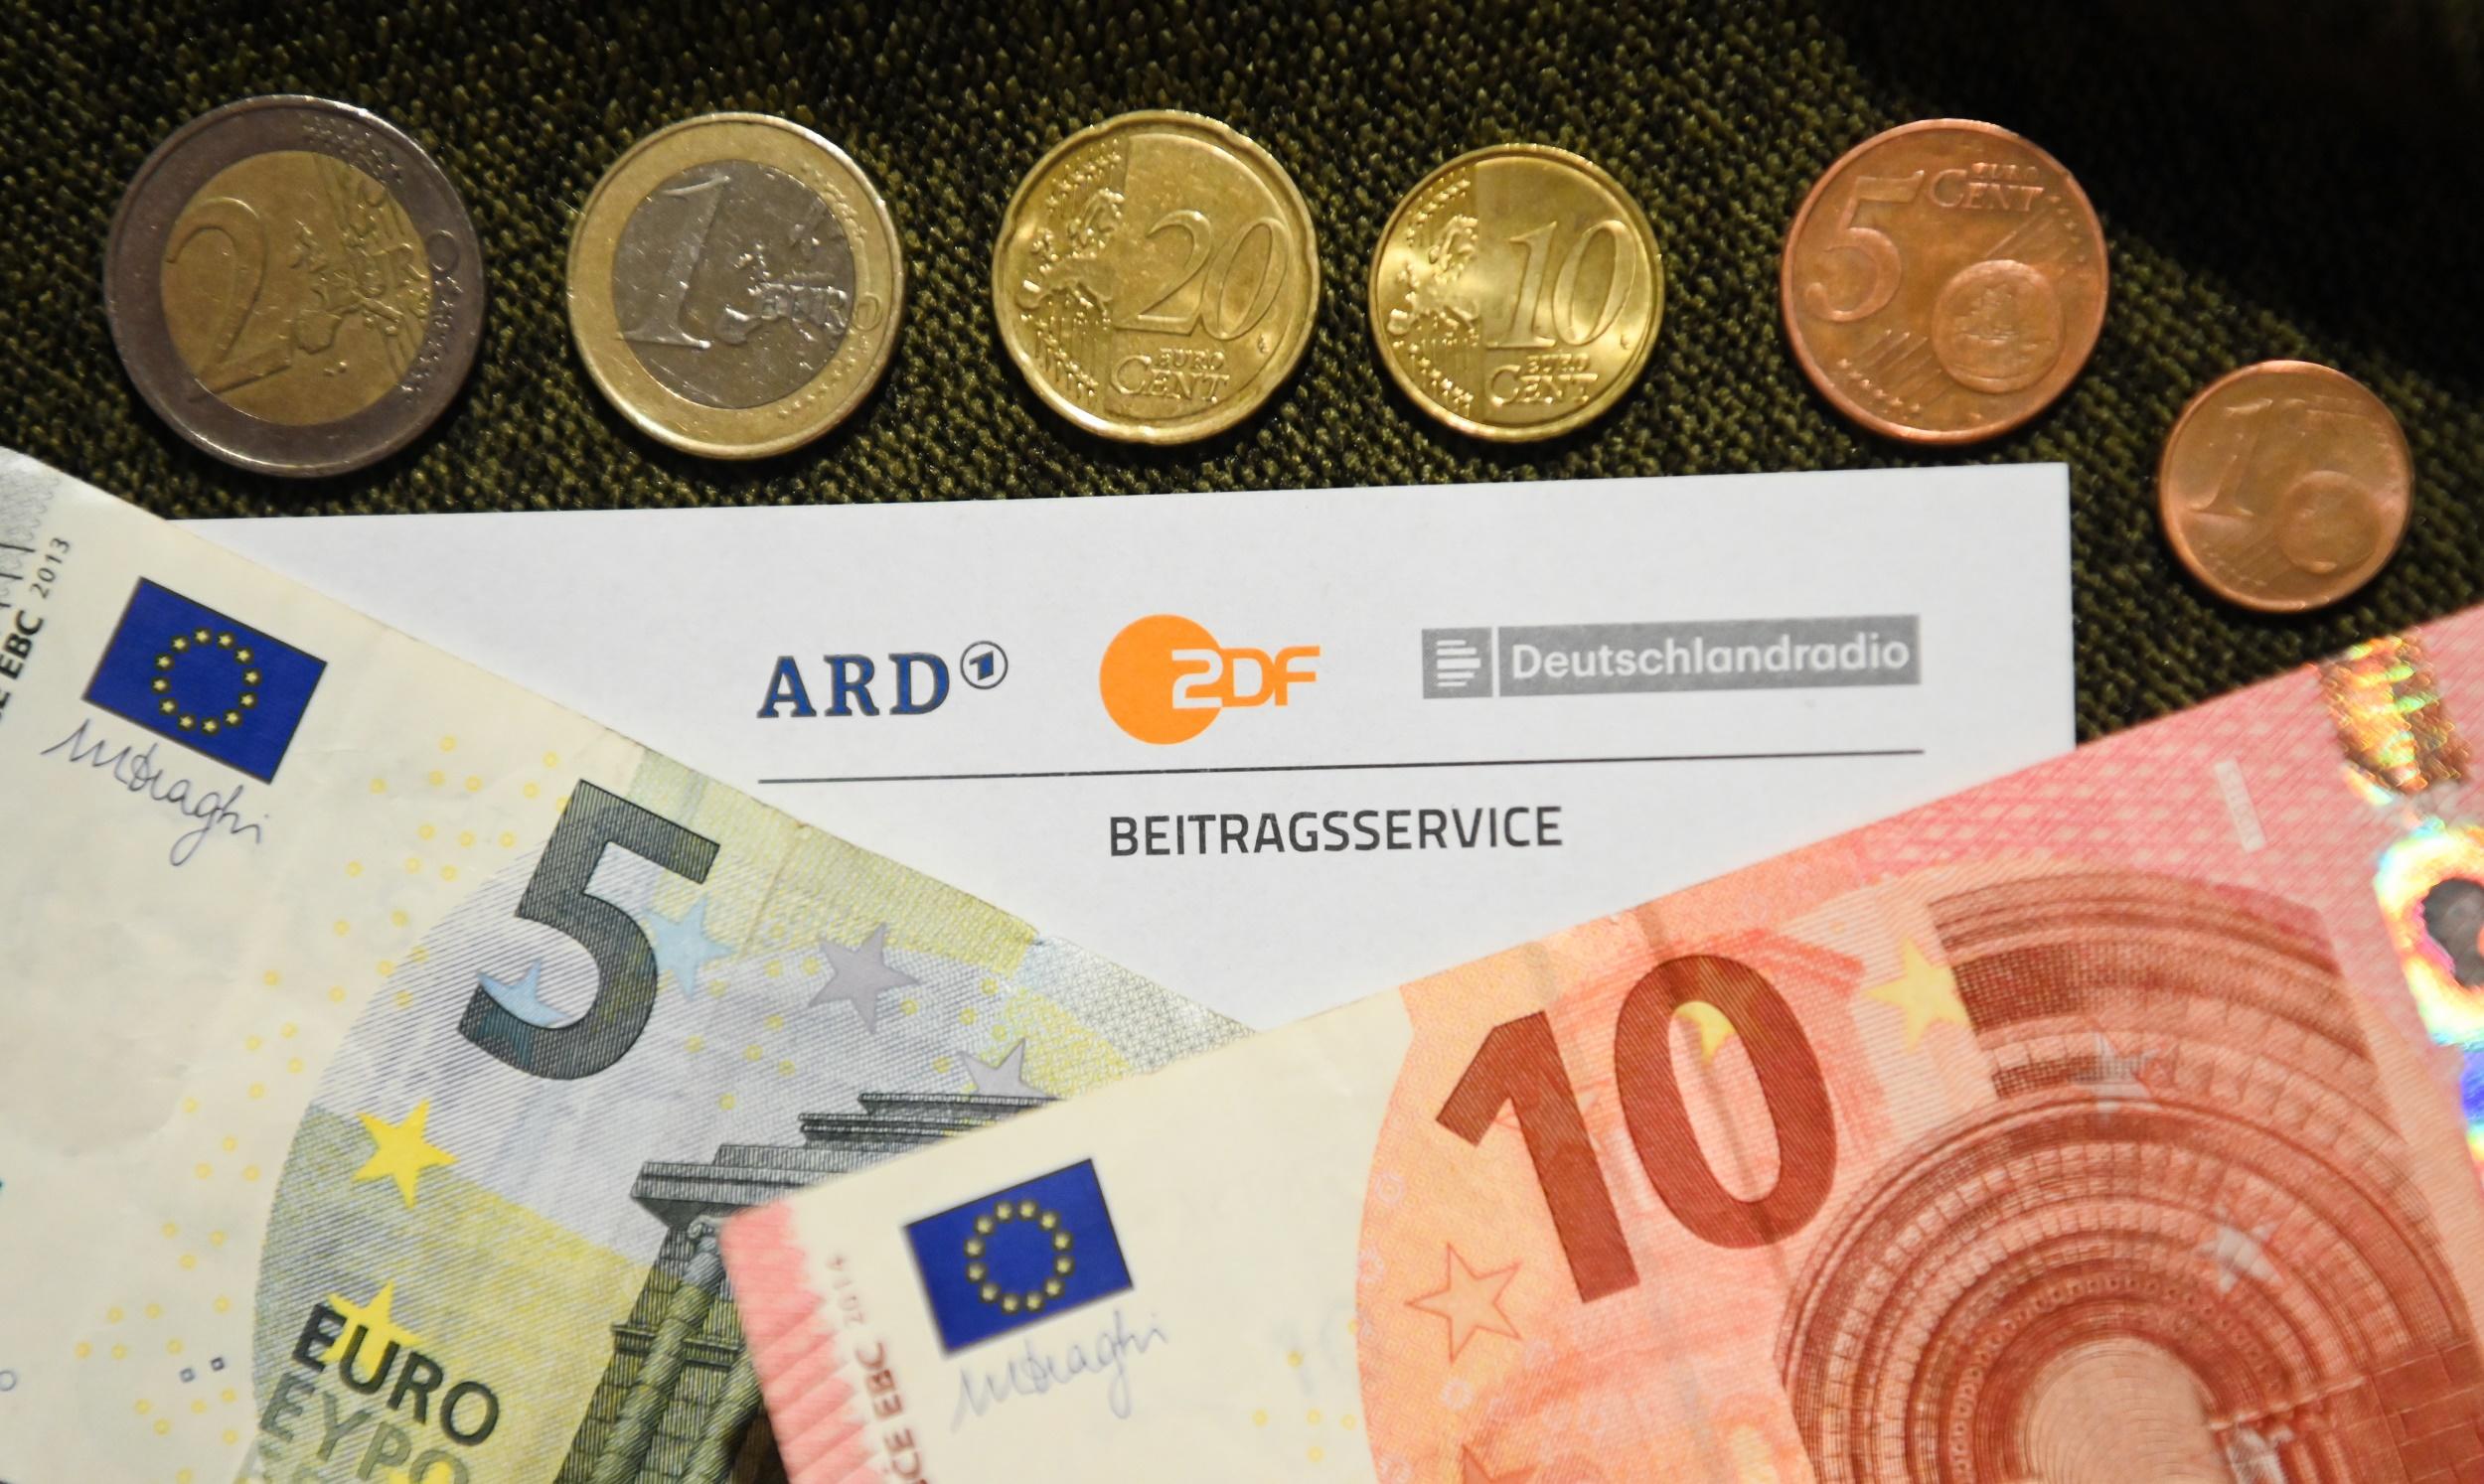 Das Bundesverfassungsgericht hatte die Eilanträge von ARD, ZDF und Deutschlandradio gegen die Blockade der Erhöhung des Rundfunkbeitrags abgewiesen.